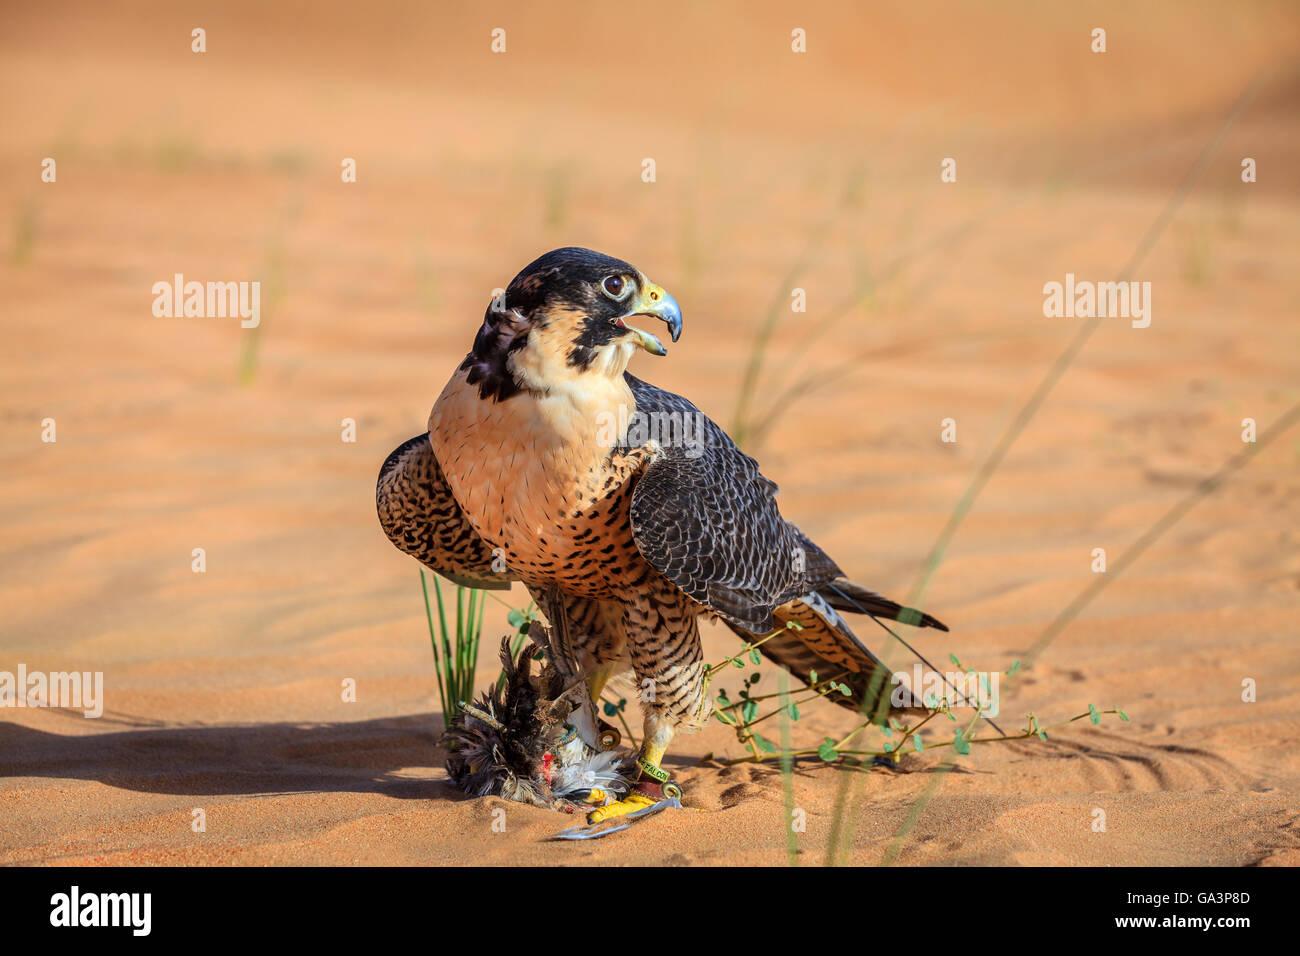 Peregrine Falcon with its prey in a desert near Dubai, UAE - Stock Image